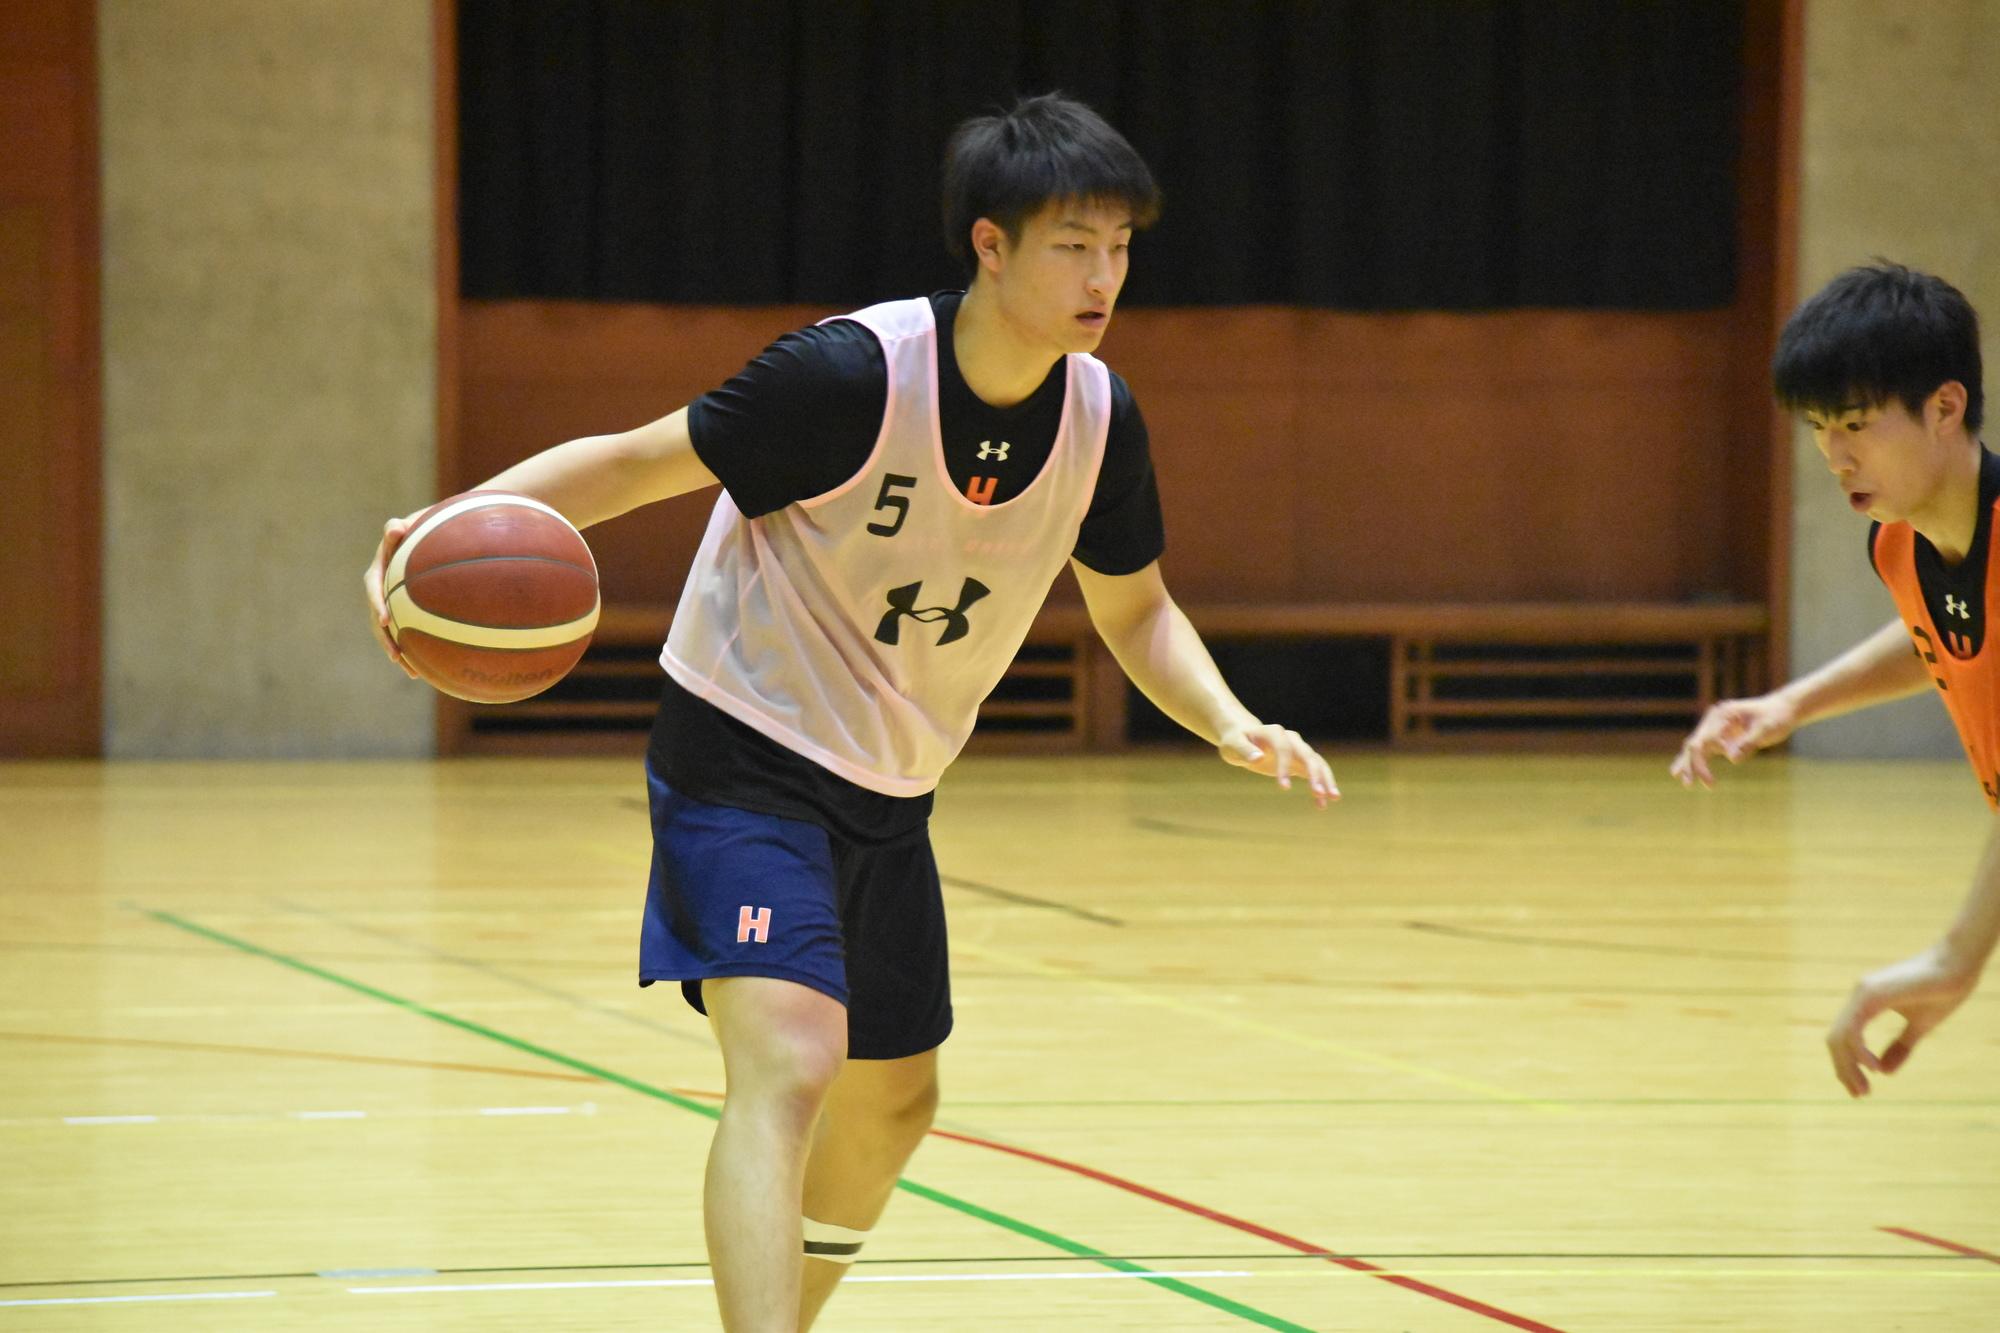 大学 バスケ オータム カップ